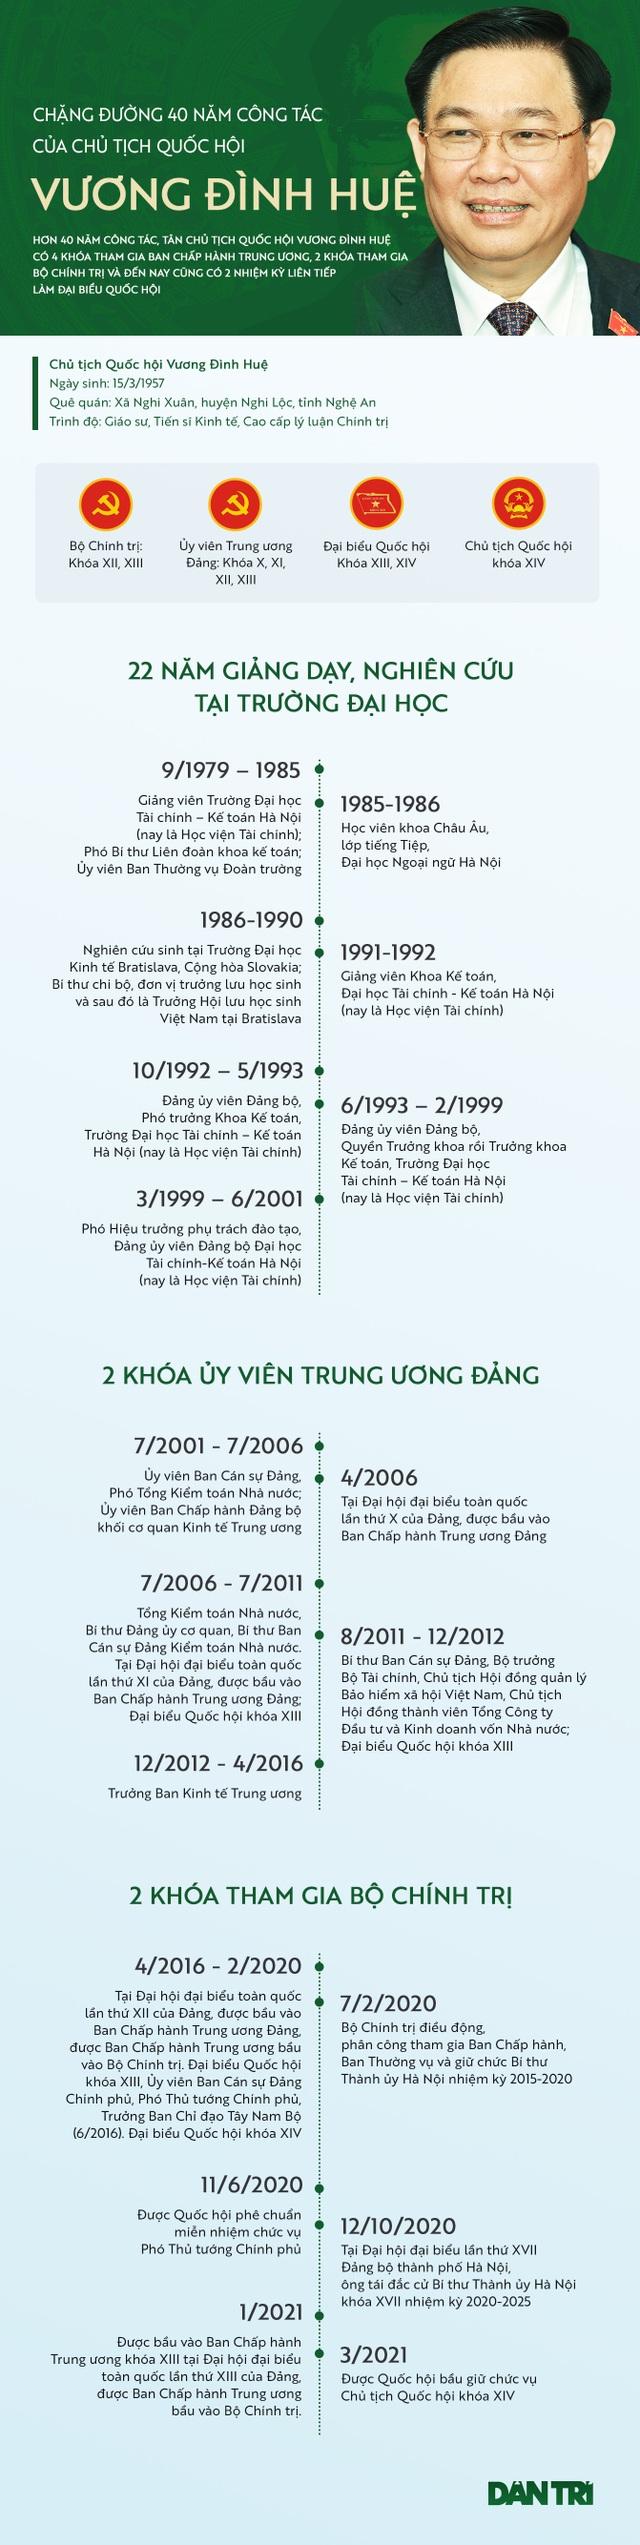 Chặng đường 40 năm công tác của Chủ tịch Quốc hội Vương Đình Huệ - 1